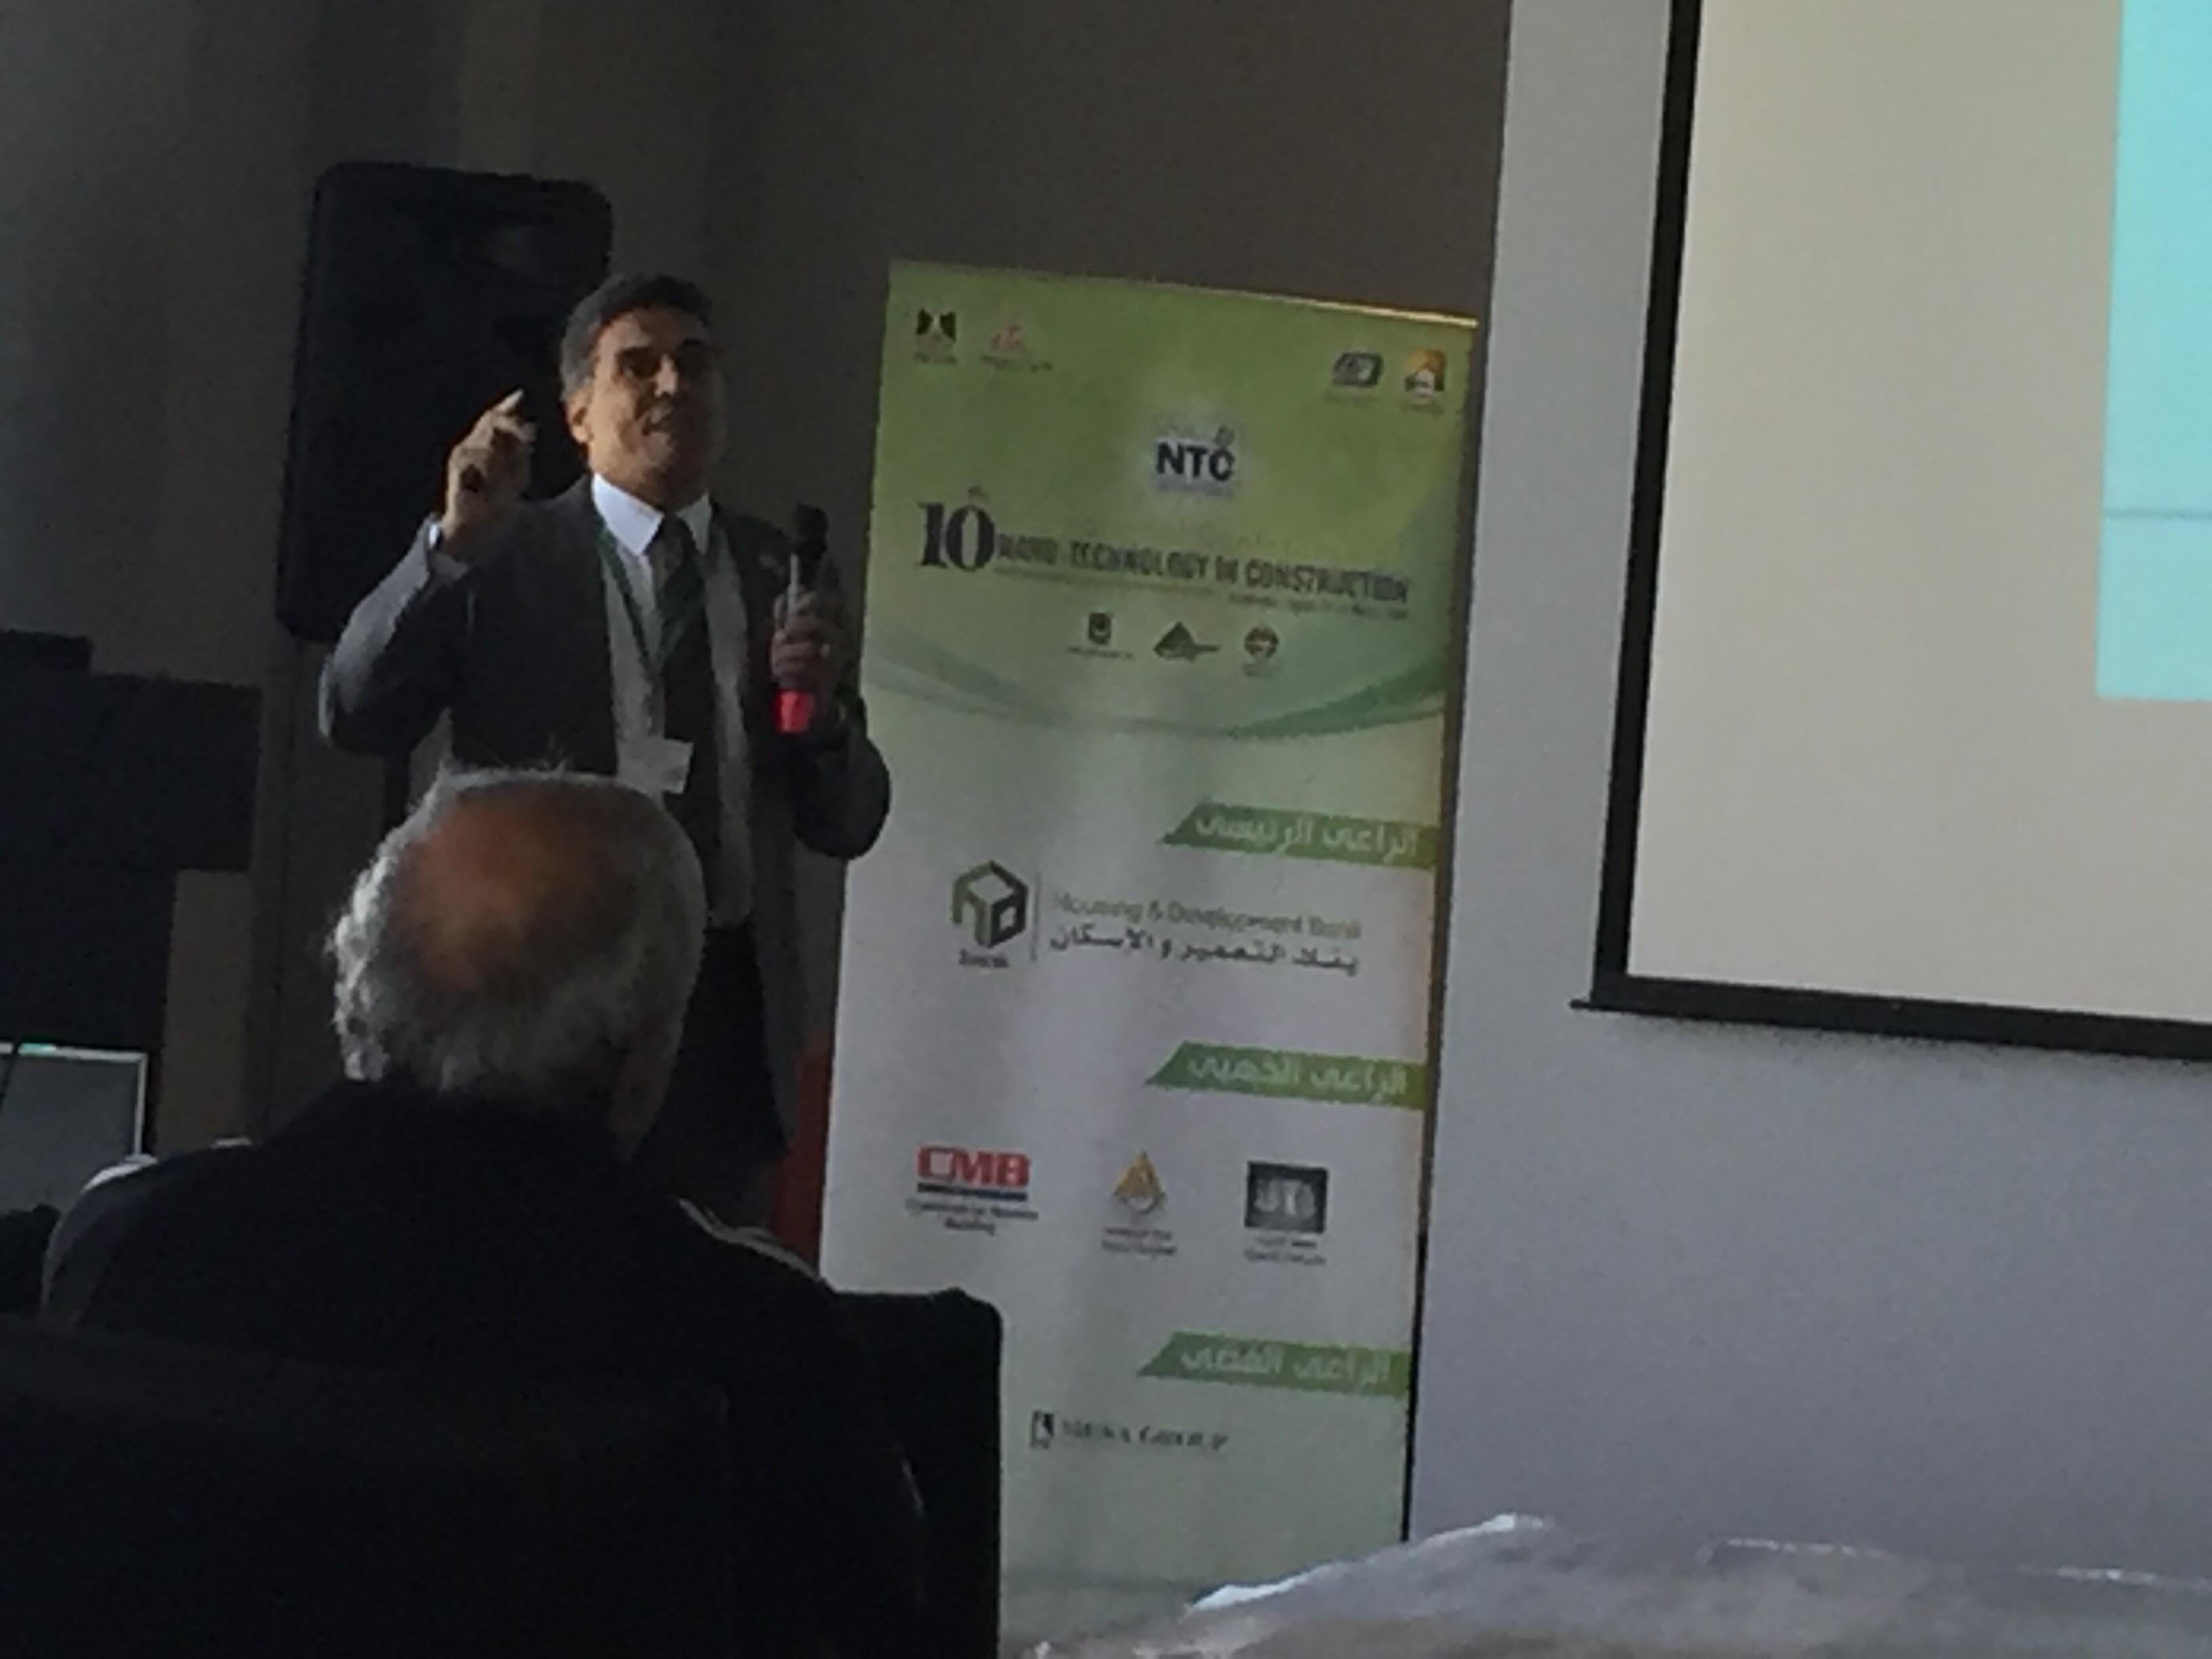 المؤتمر الدولى العاشر لتكنولوجيا النانو (3)